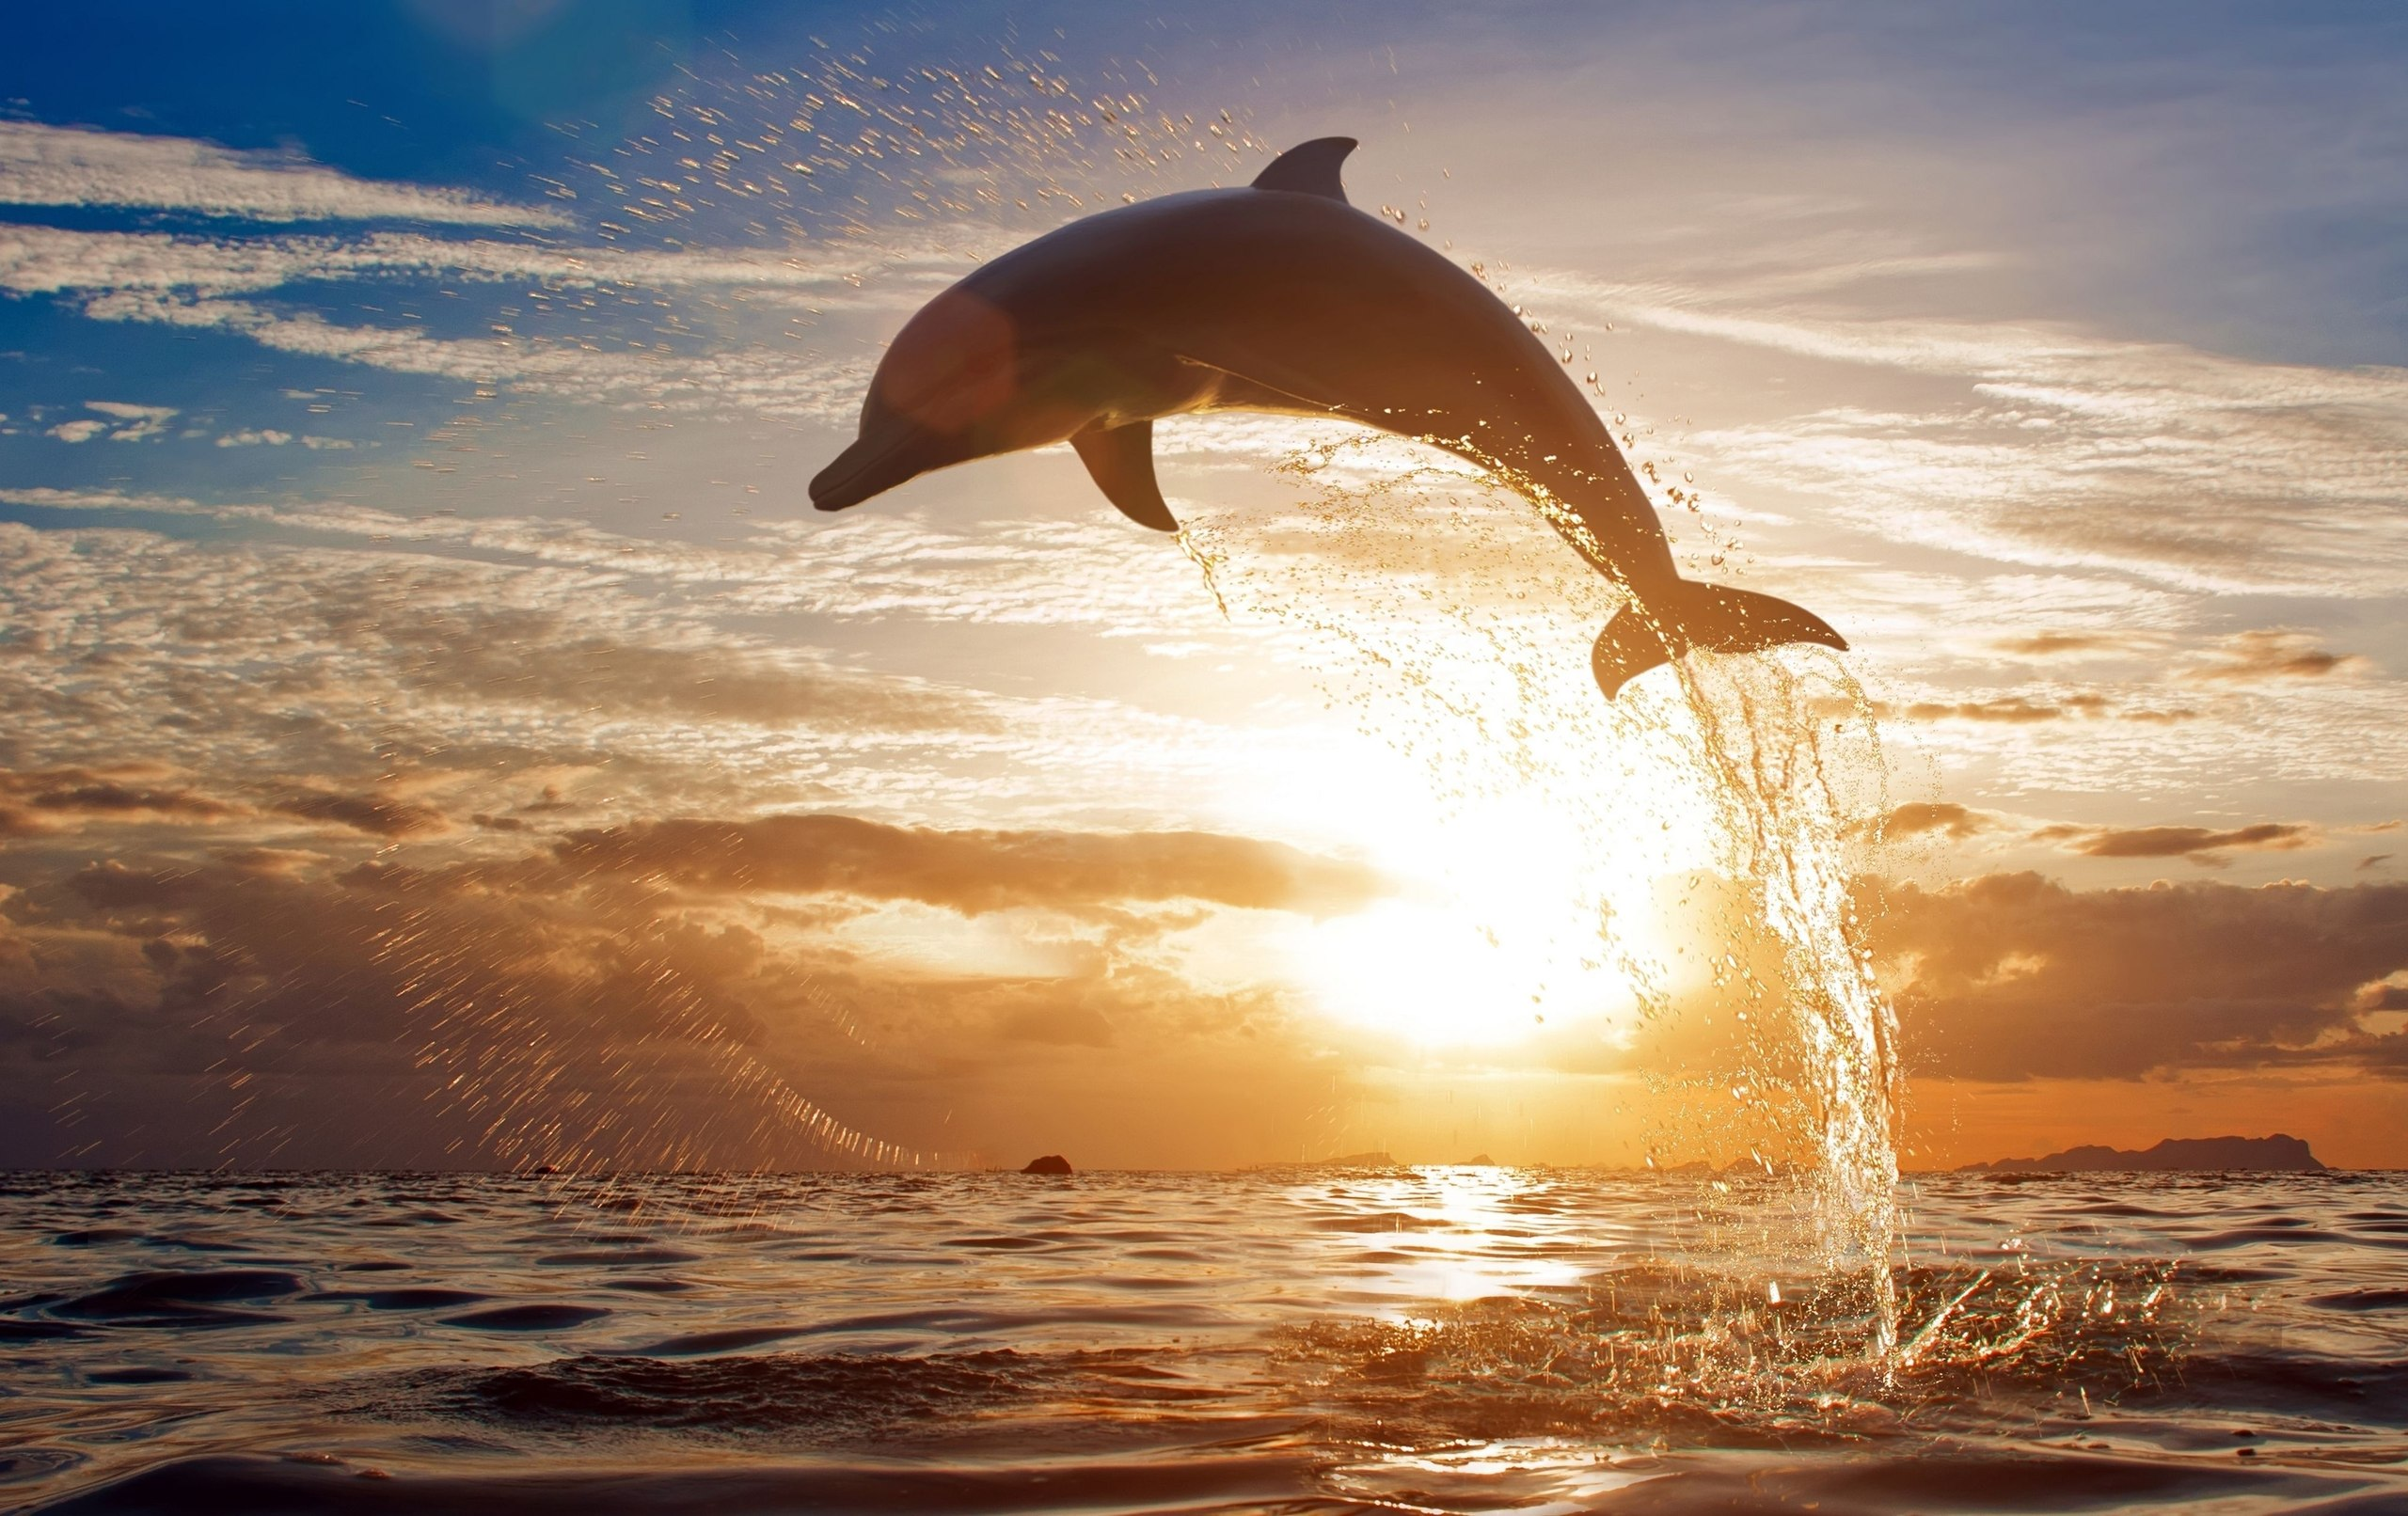 природа животные дельфины море загрузить